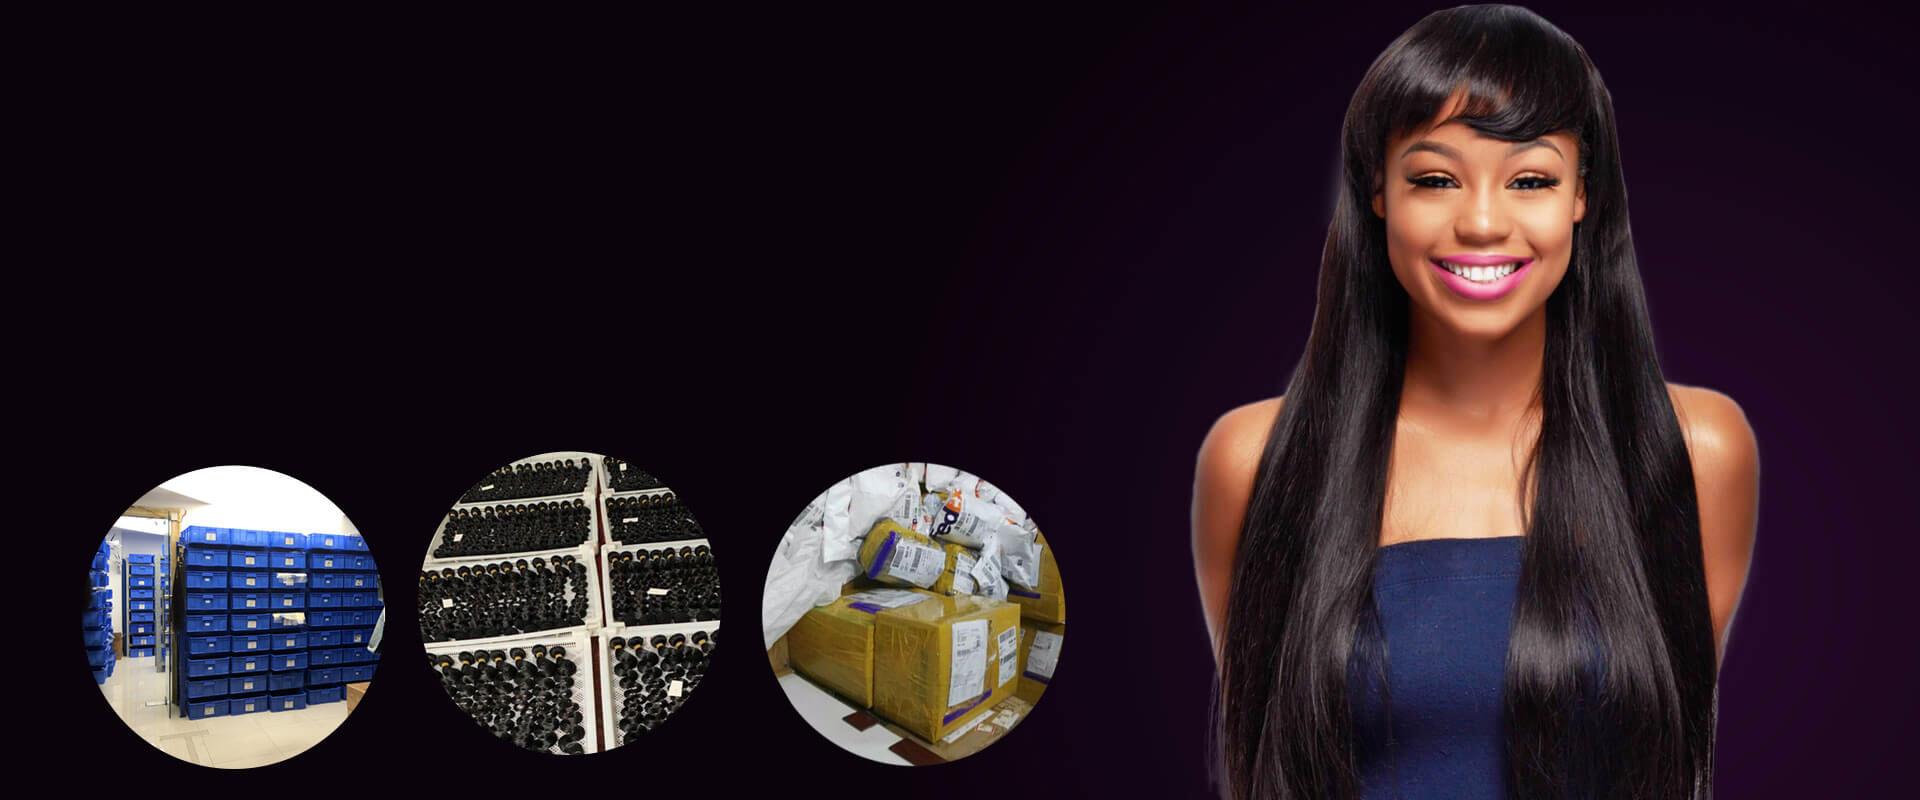 brazilian-virgin-hair-extensions-manufacturers-banner-03